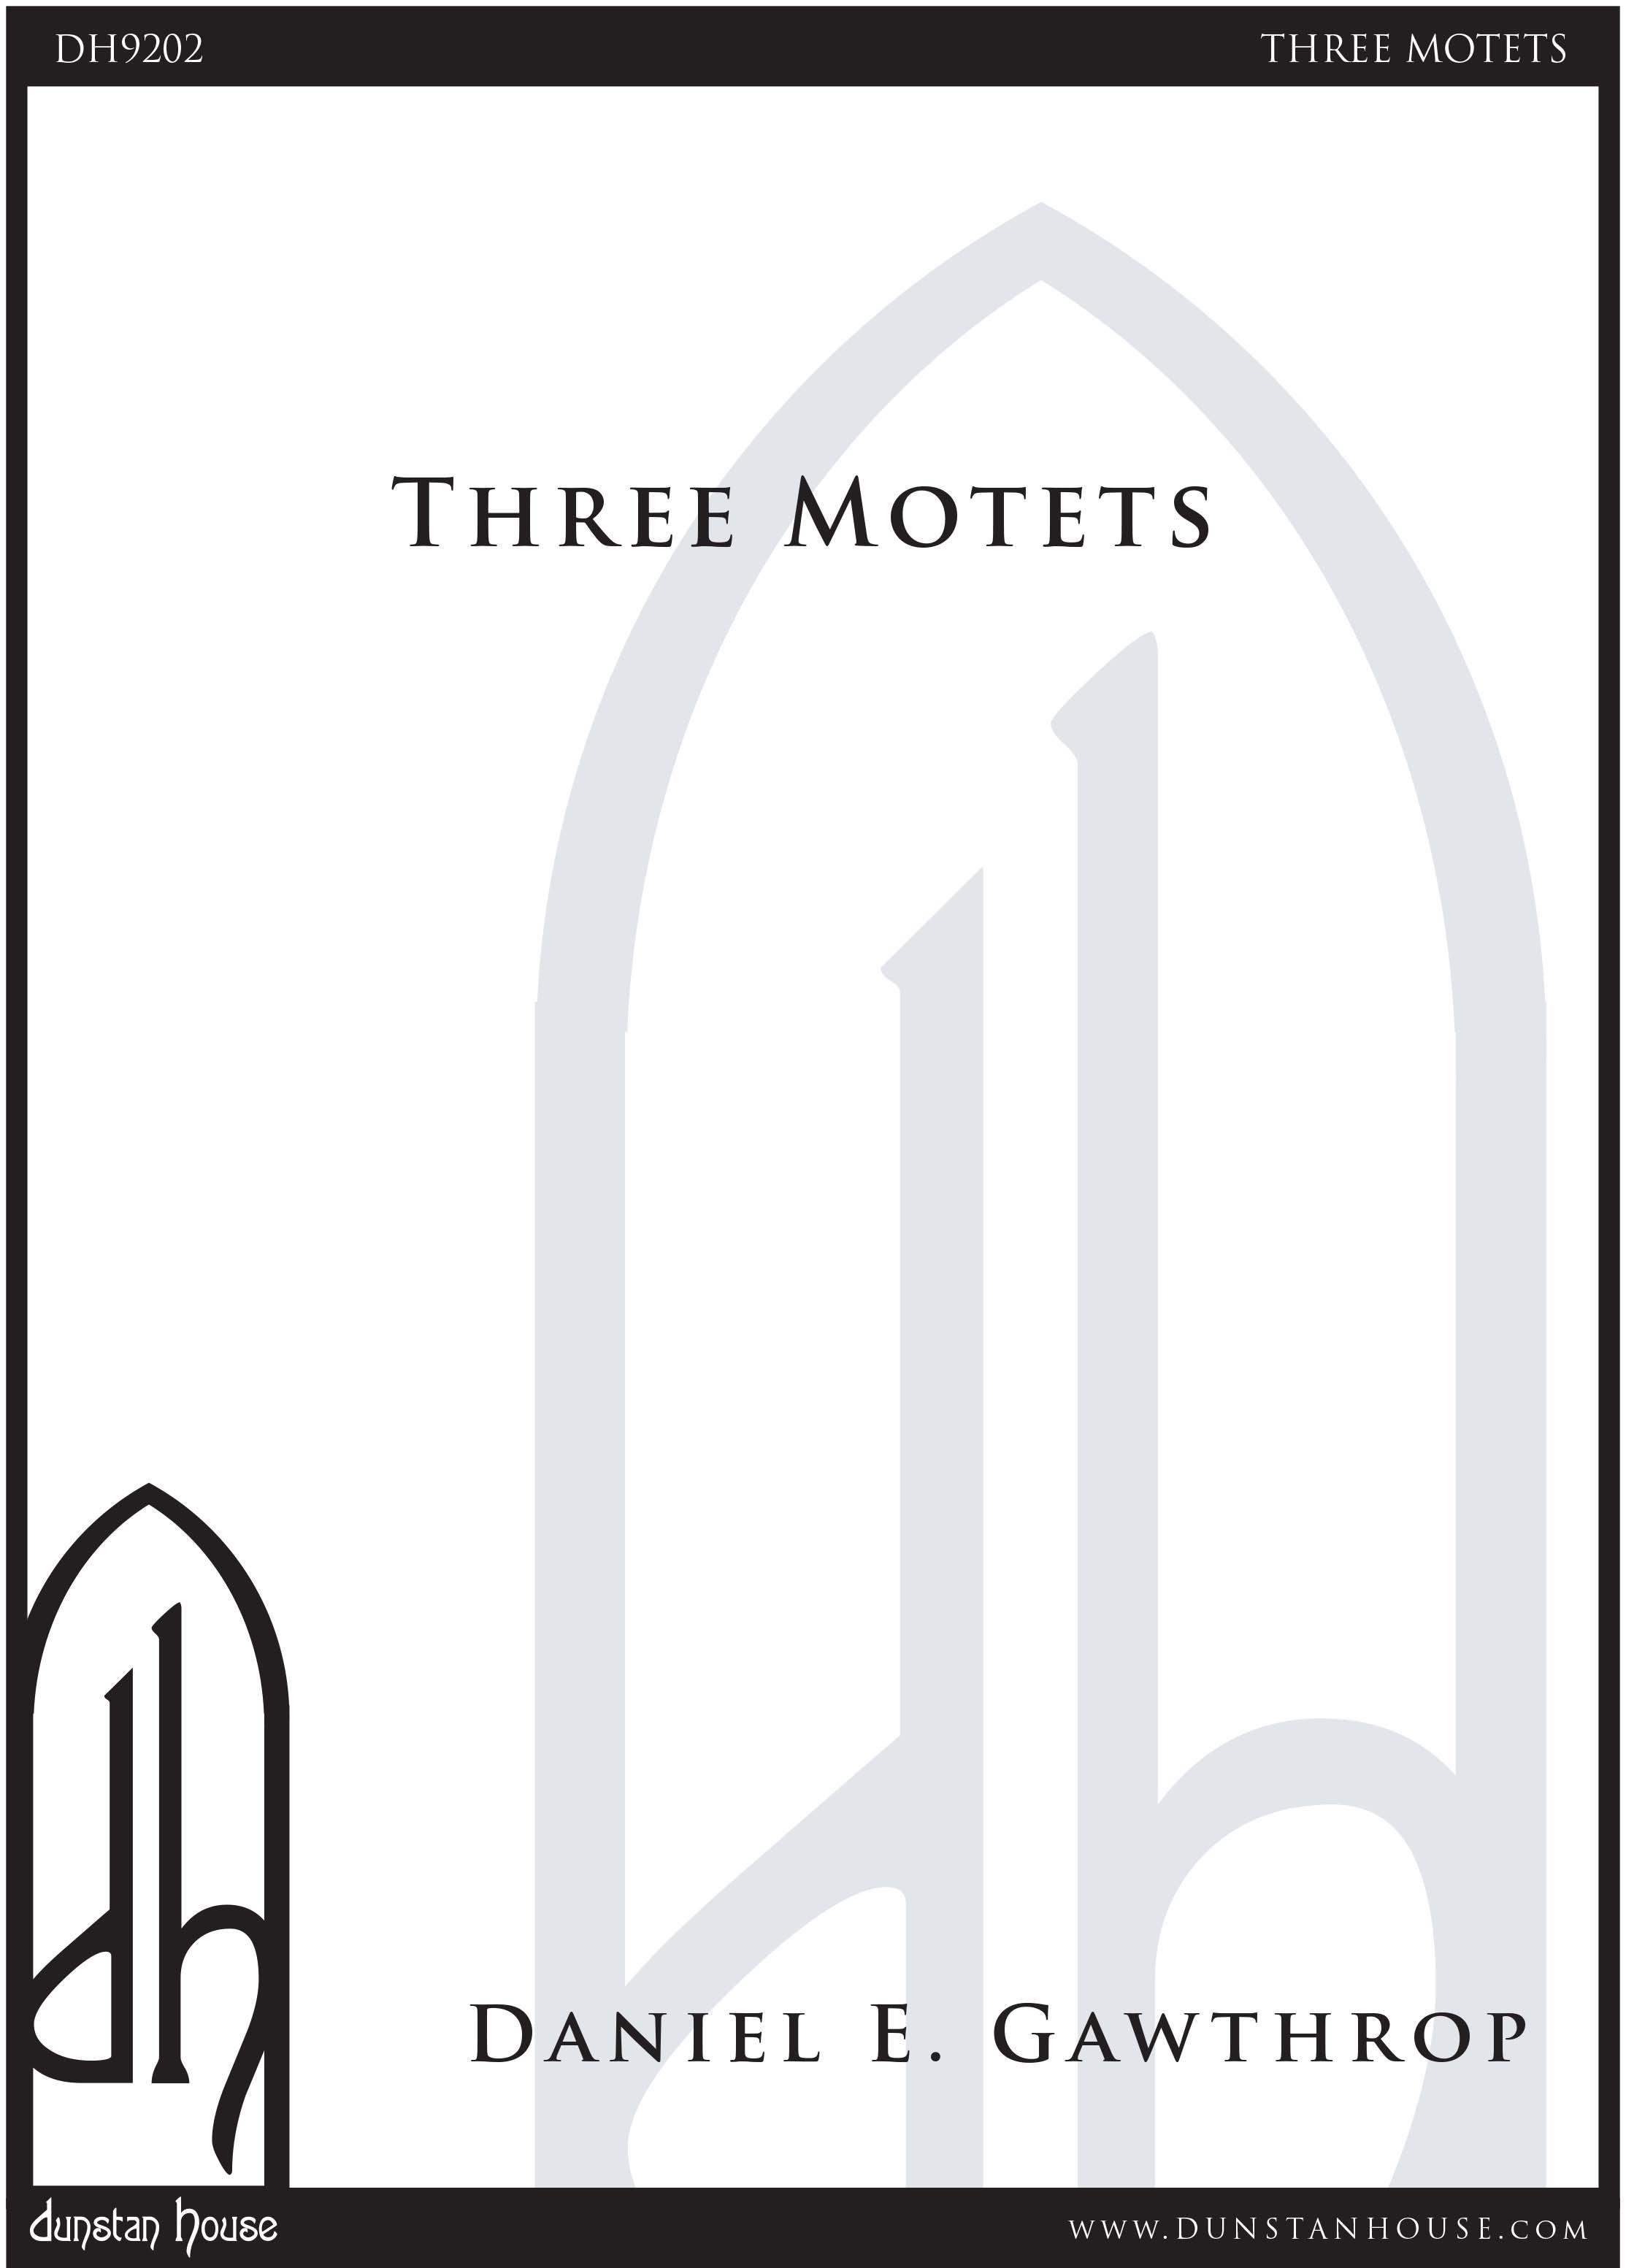 Three Motets